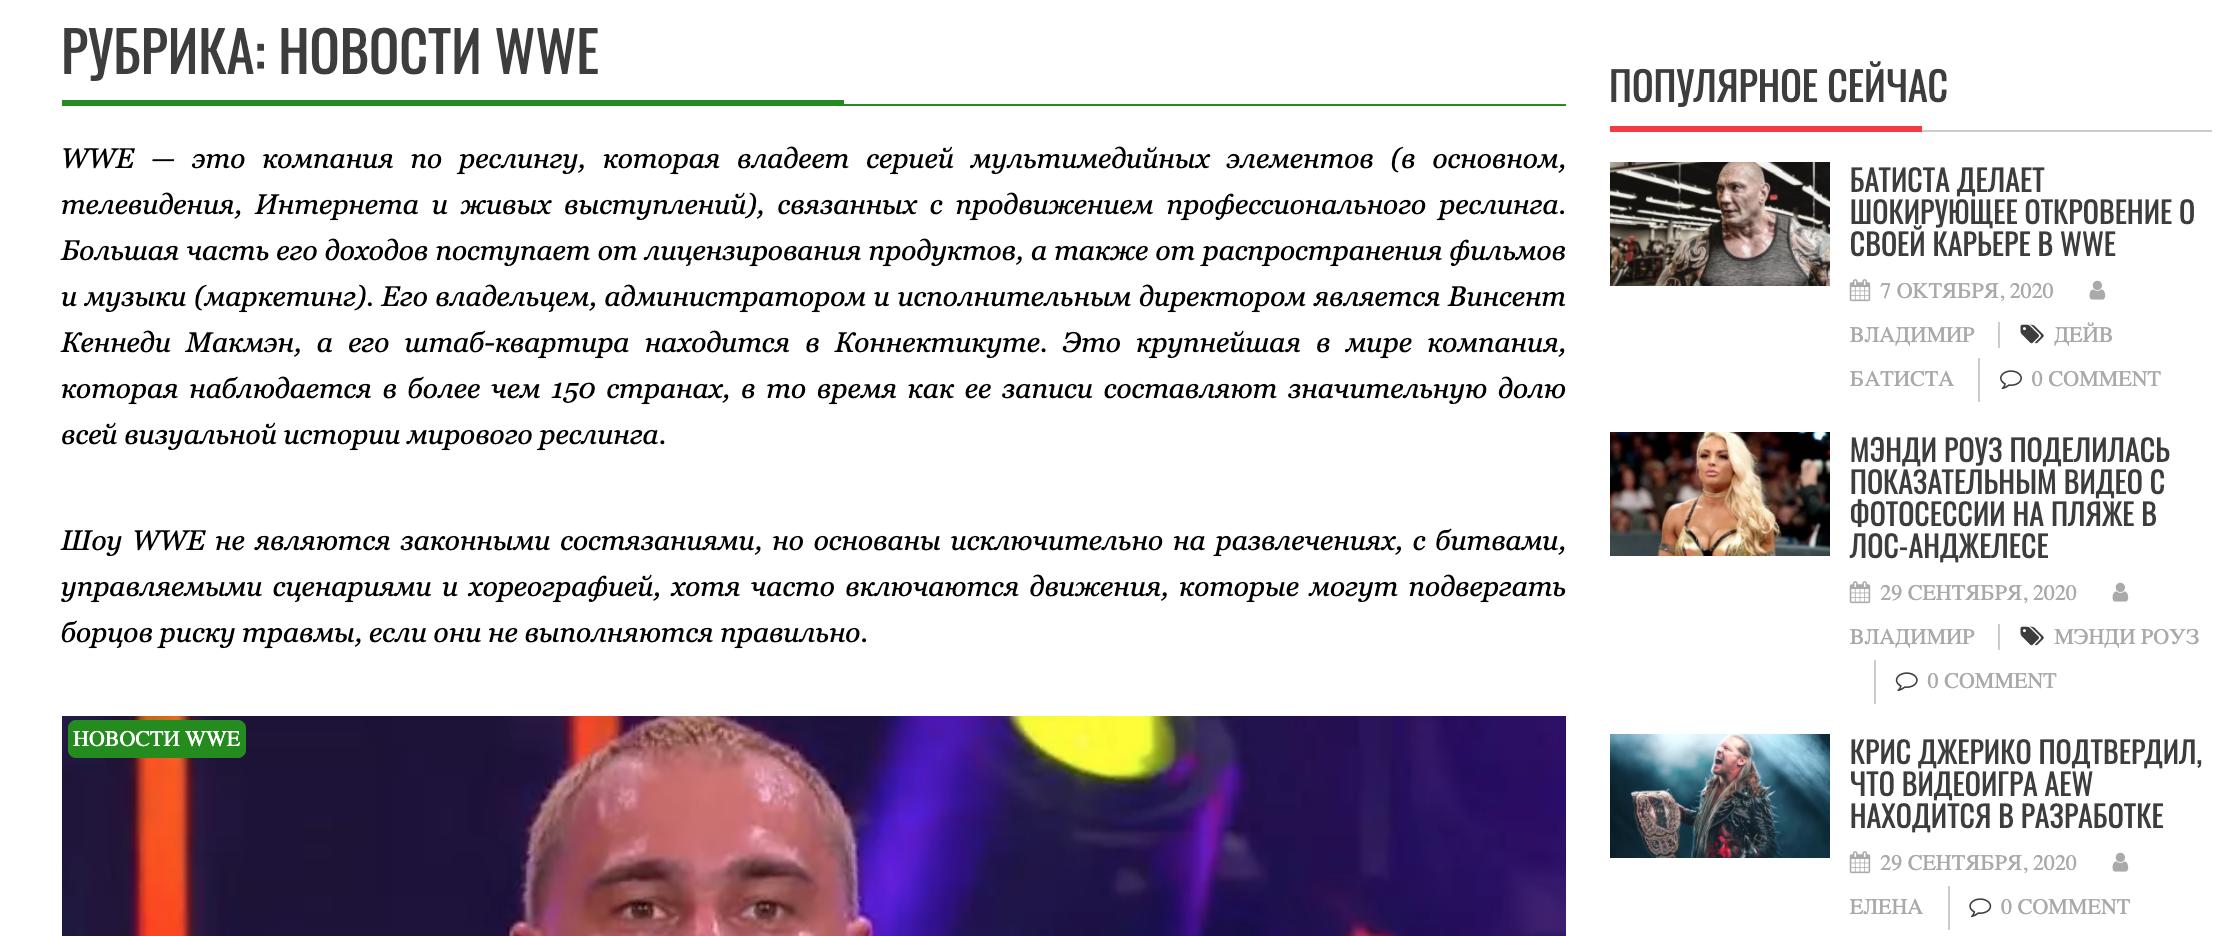 Новости WWE на tv-wwe.ru